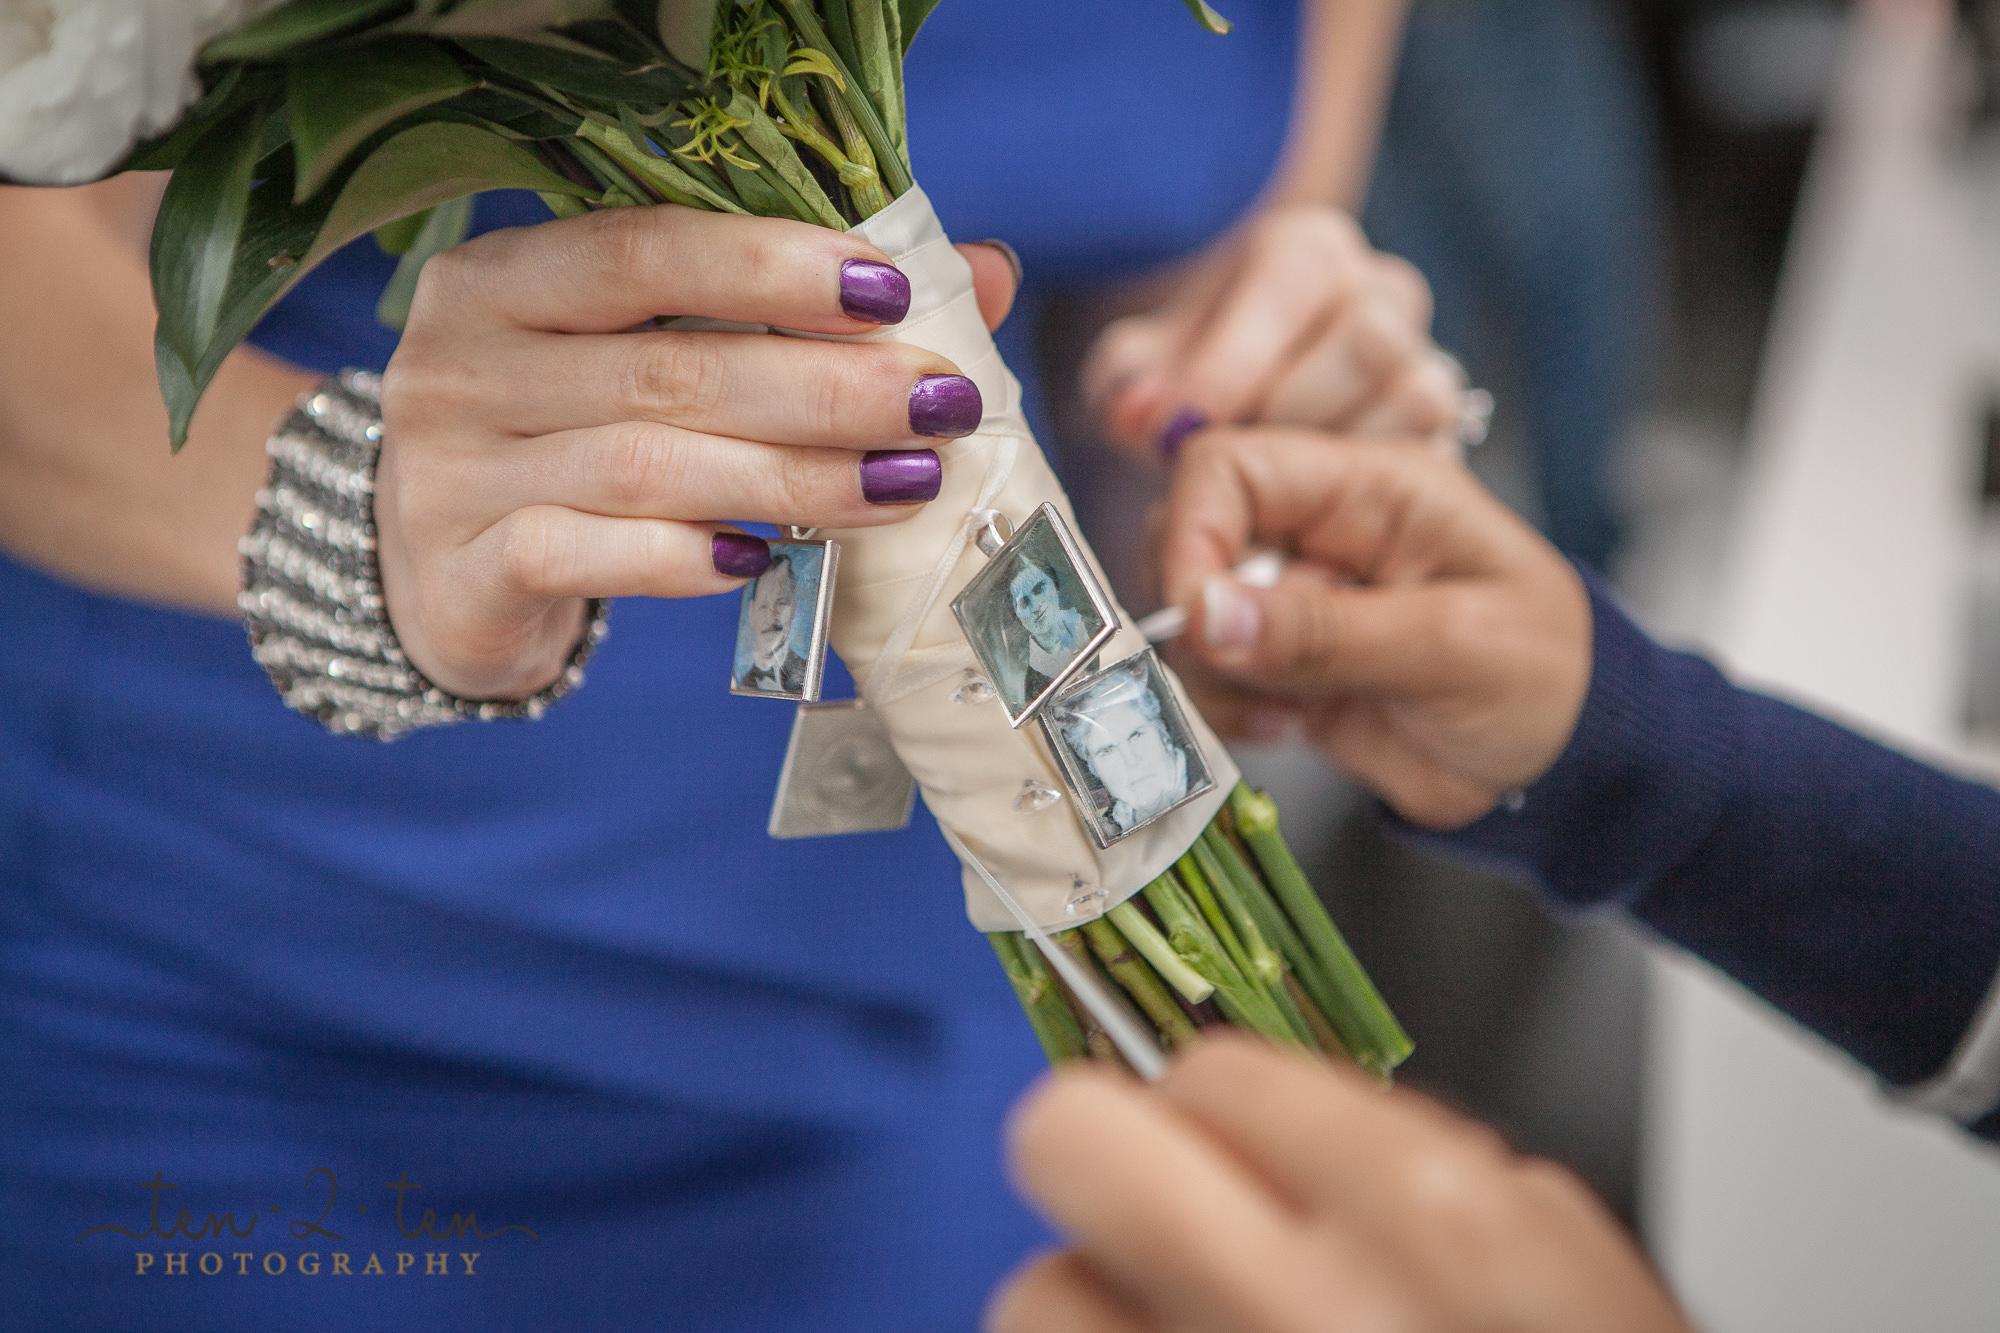 mildreds temple kitchen wedding photos 28 - Mildred's Temple Kitchen Wedding Photos